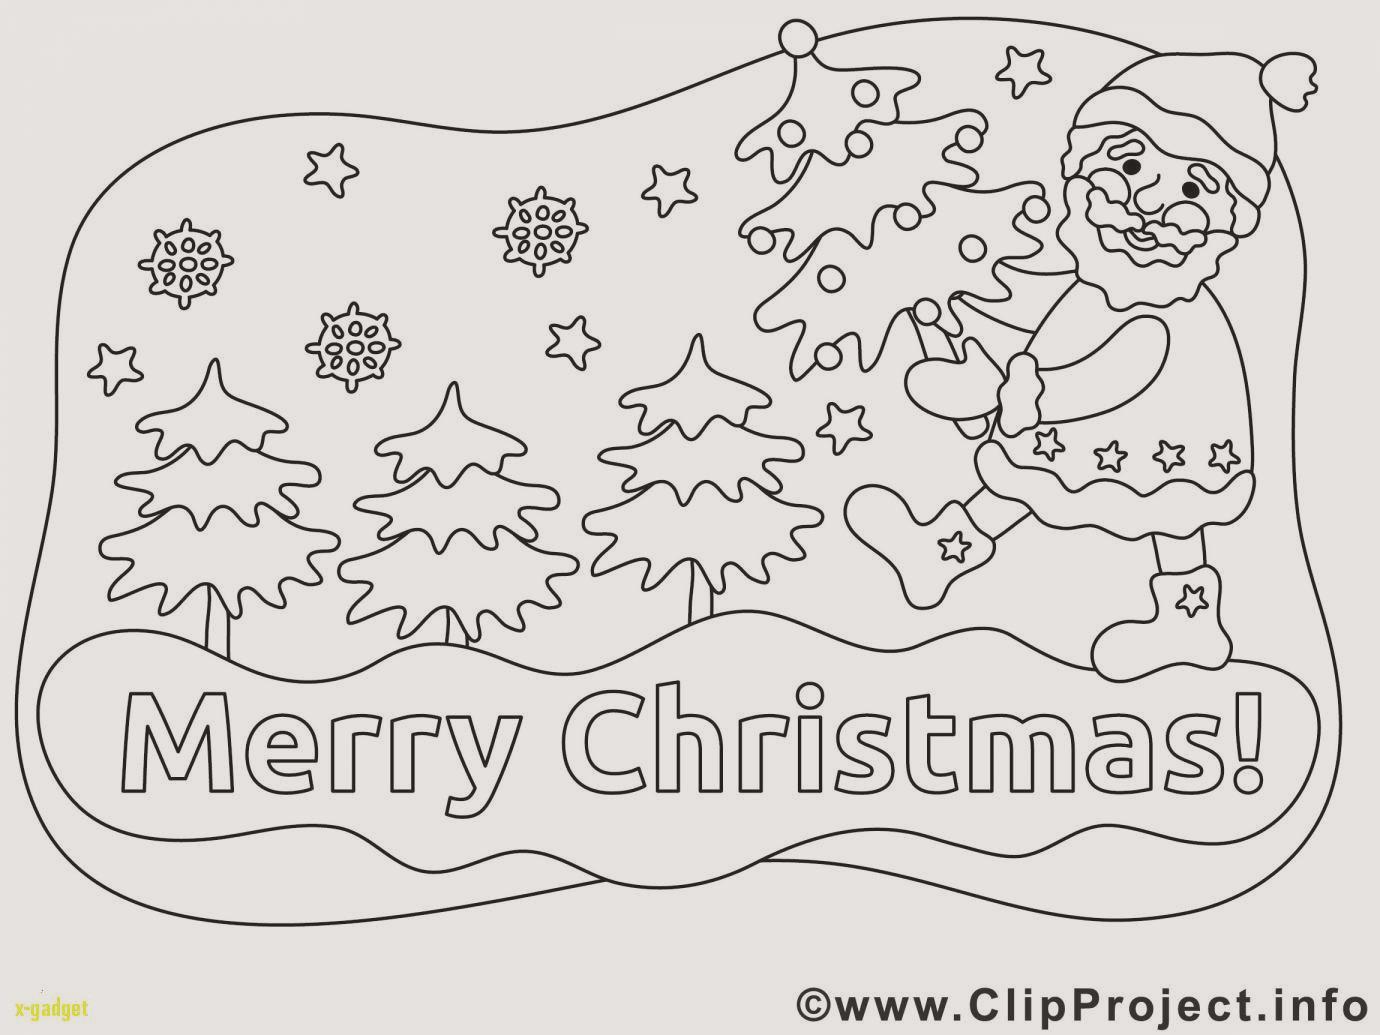 Ausmalbilder Zu Weihnachten Genial 30 Frisch Ausmalbilder Weihnachten Geschenke Ausdrucken Bilder